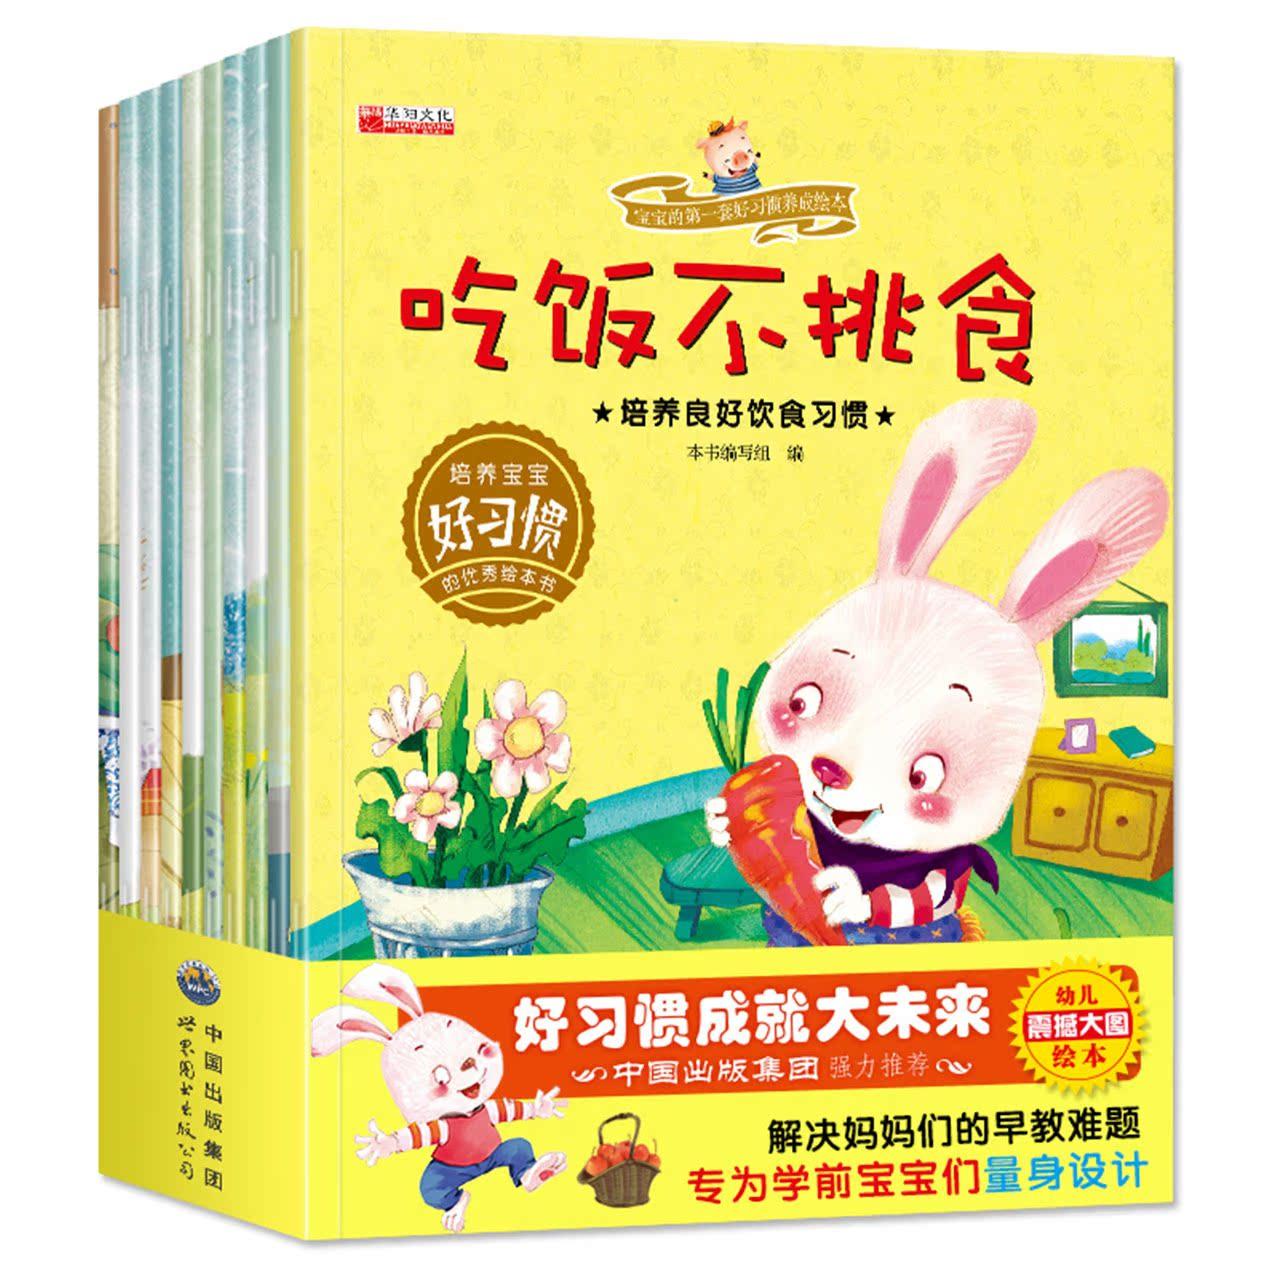 华阳文化宝宝的第一套好习惯养成绘本10册 宝宝好习惯情商管理绘本 儿童书籍3-6周岁 宝宝早教幼儿儿童故事书籍0-3-6周岁